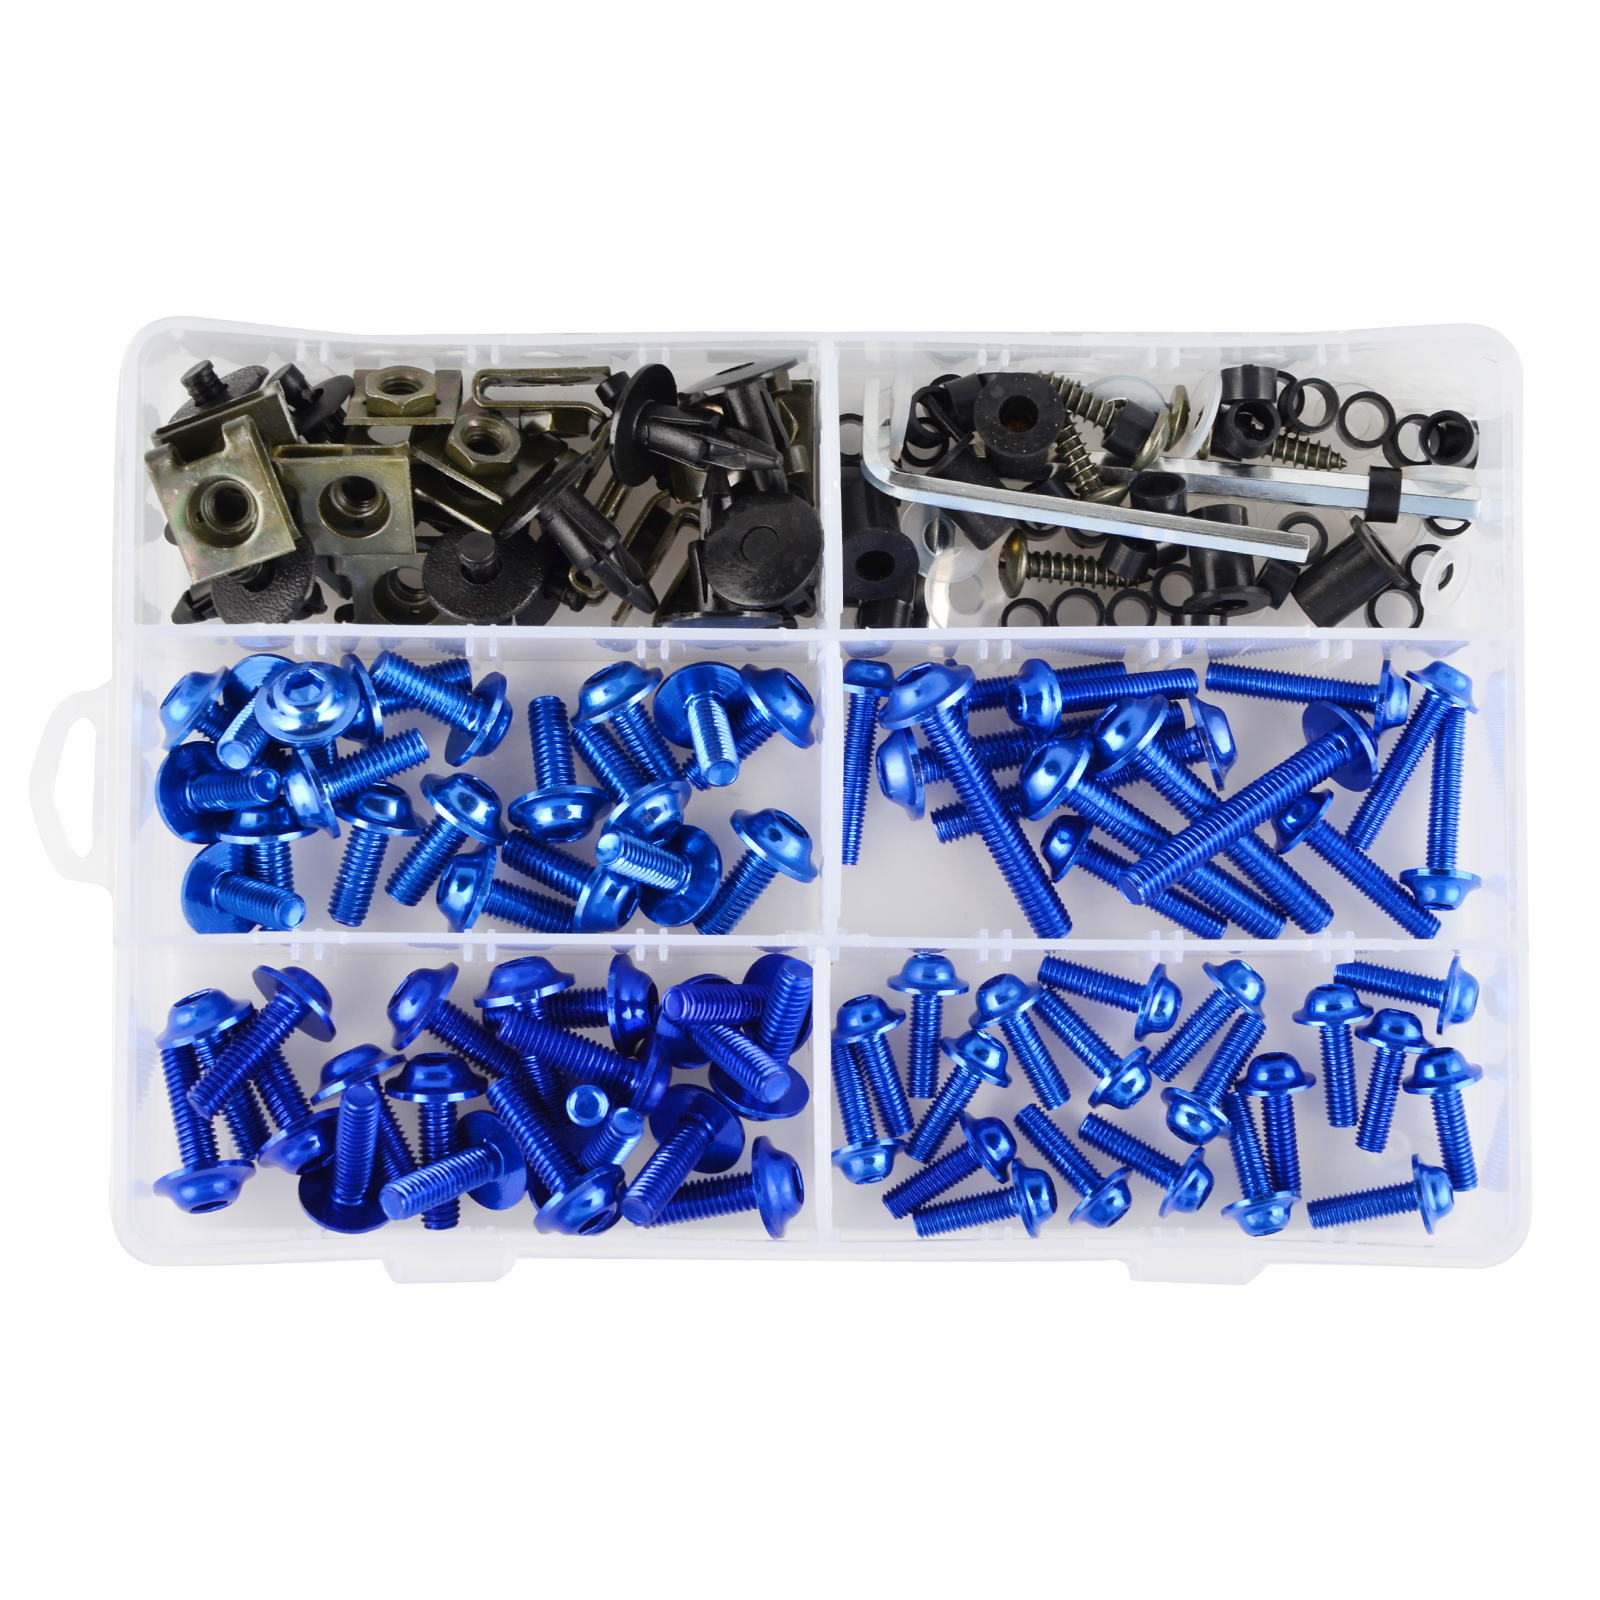 Vollständige Verkleidung Schrauben Für Yamaha FZ1 FZ6 FJR1300 FZR600 FZR400 R1 R3 R6 XSR900 Vmax 1200 1700 YZF600R YZF750R XTZ1200